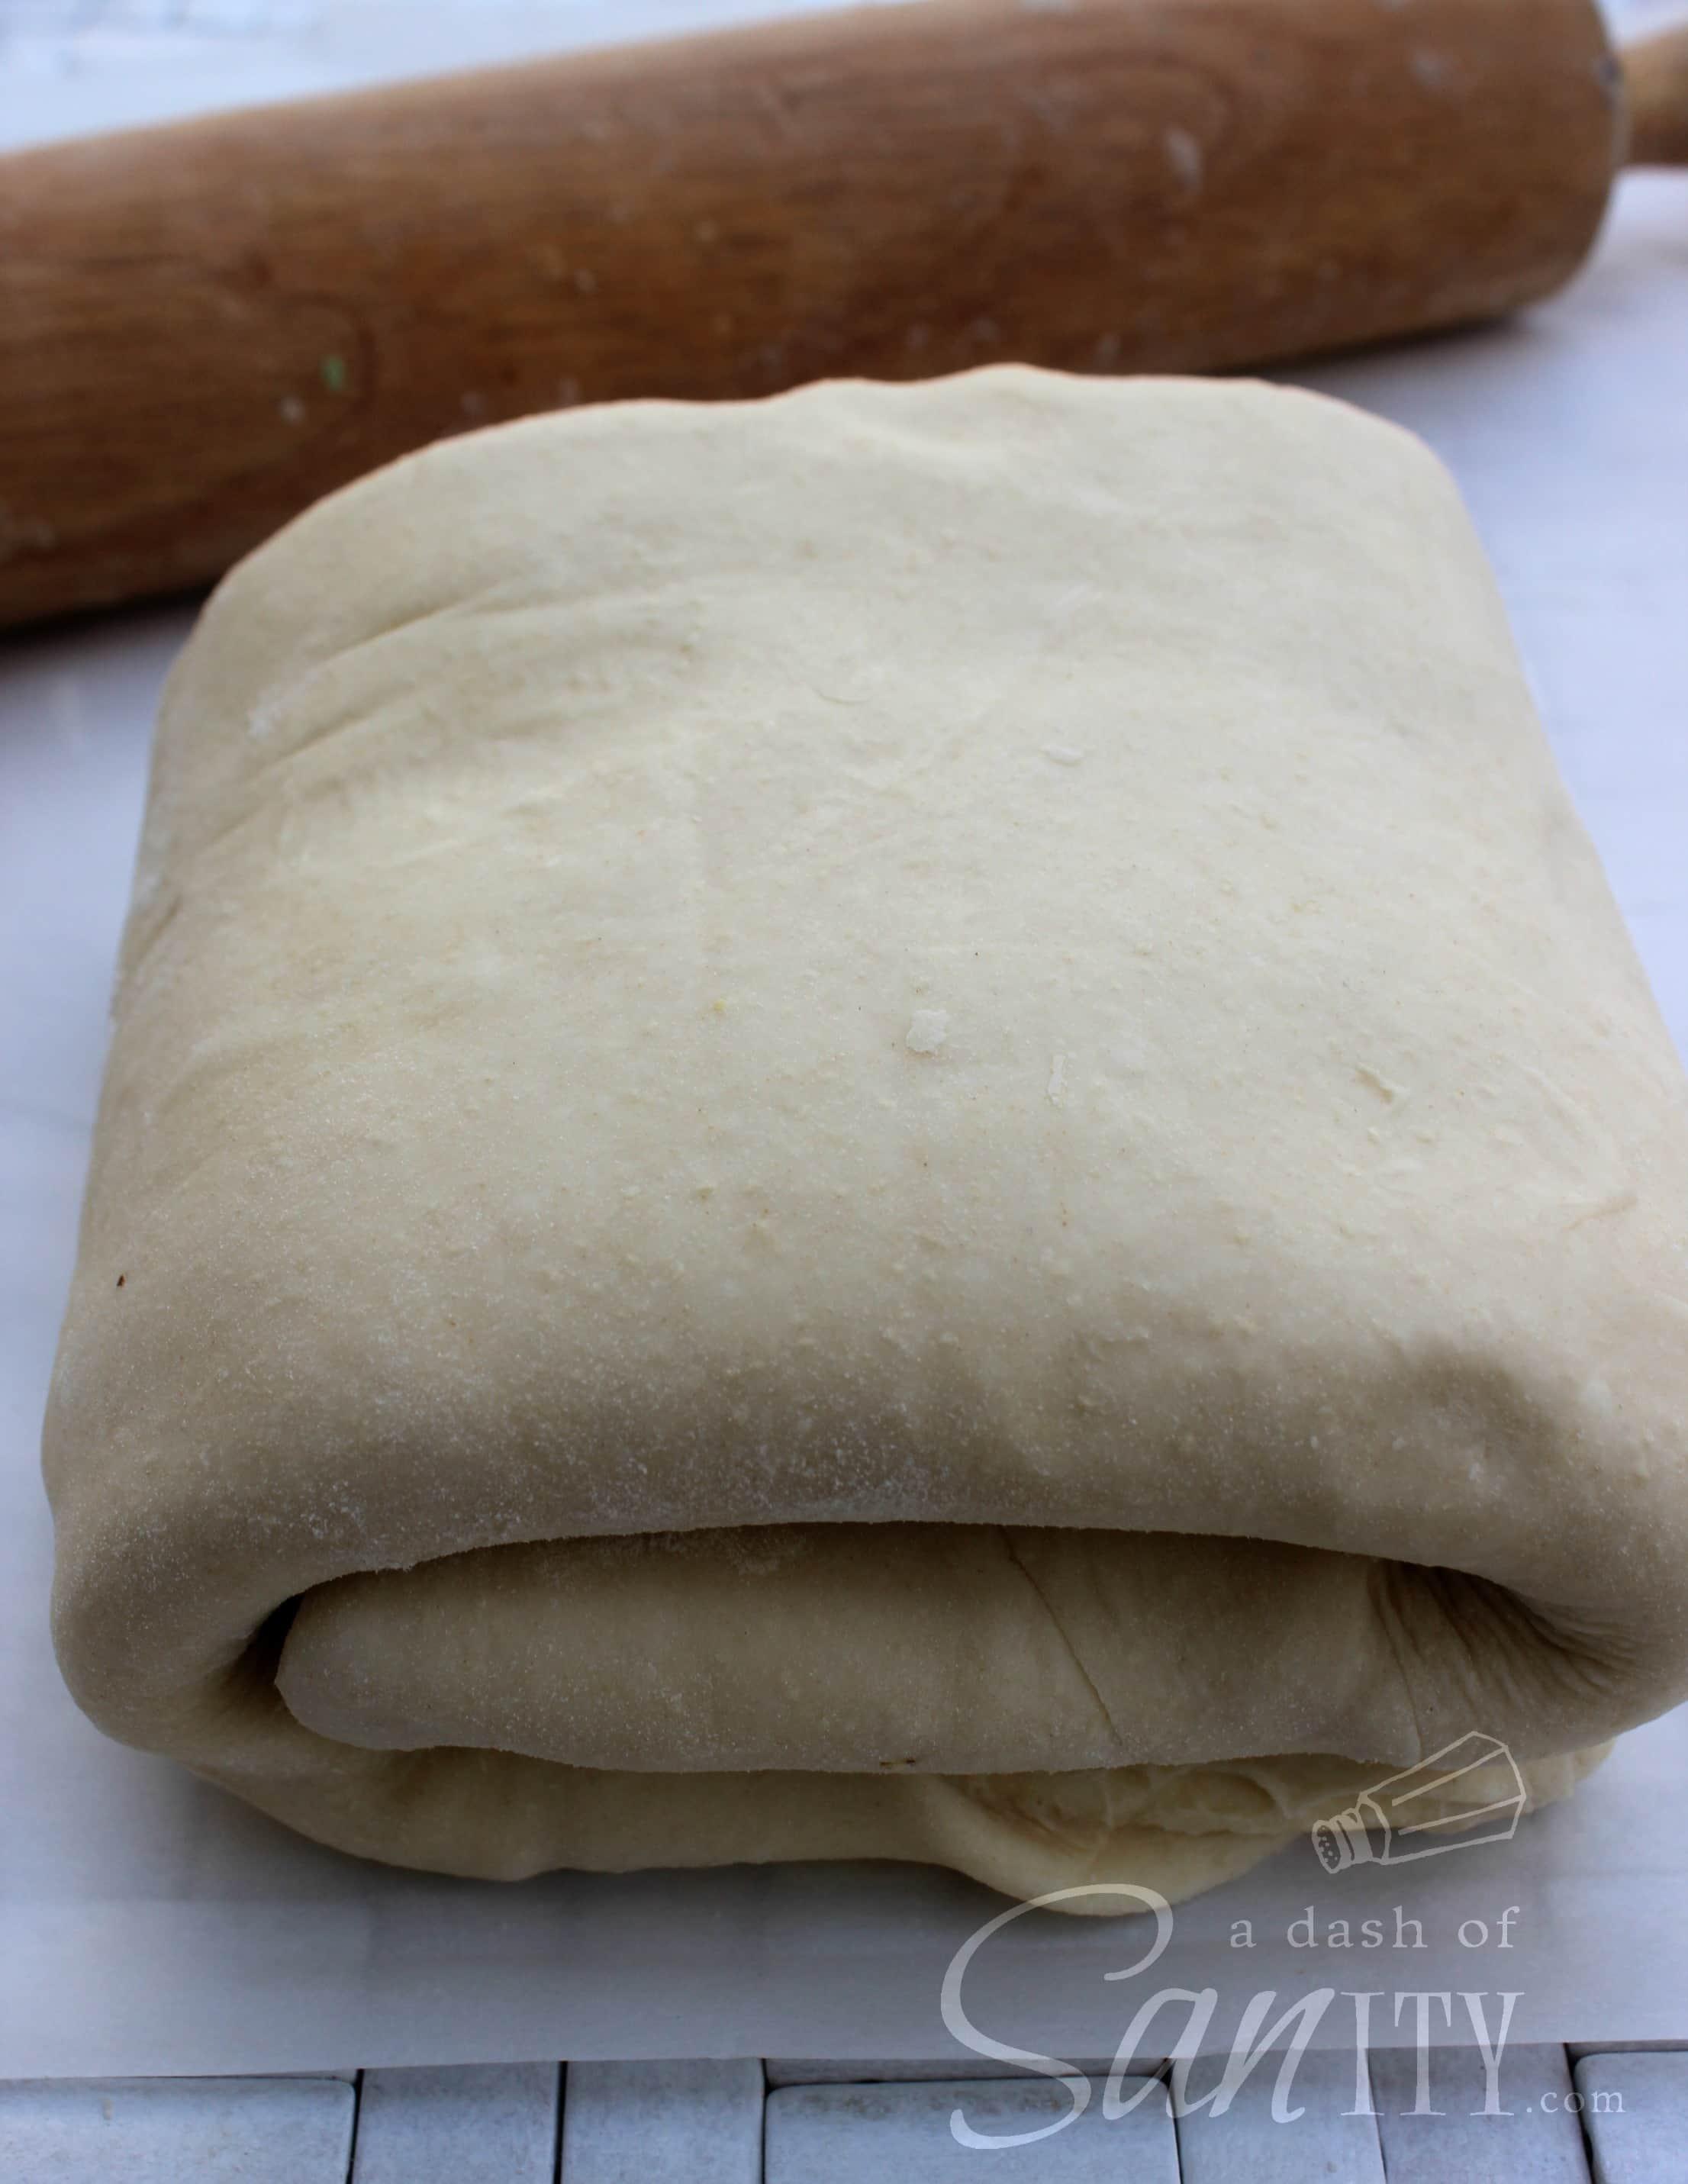 croissant dough folded into a square on parchment paper